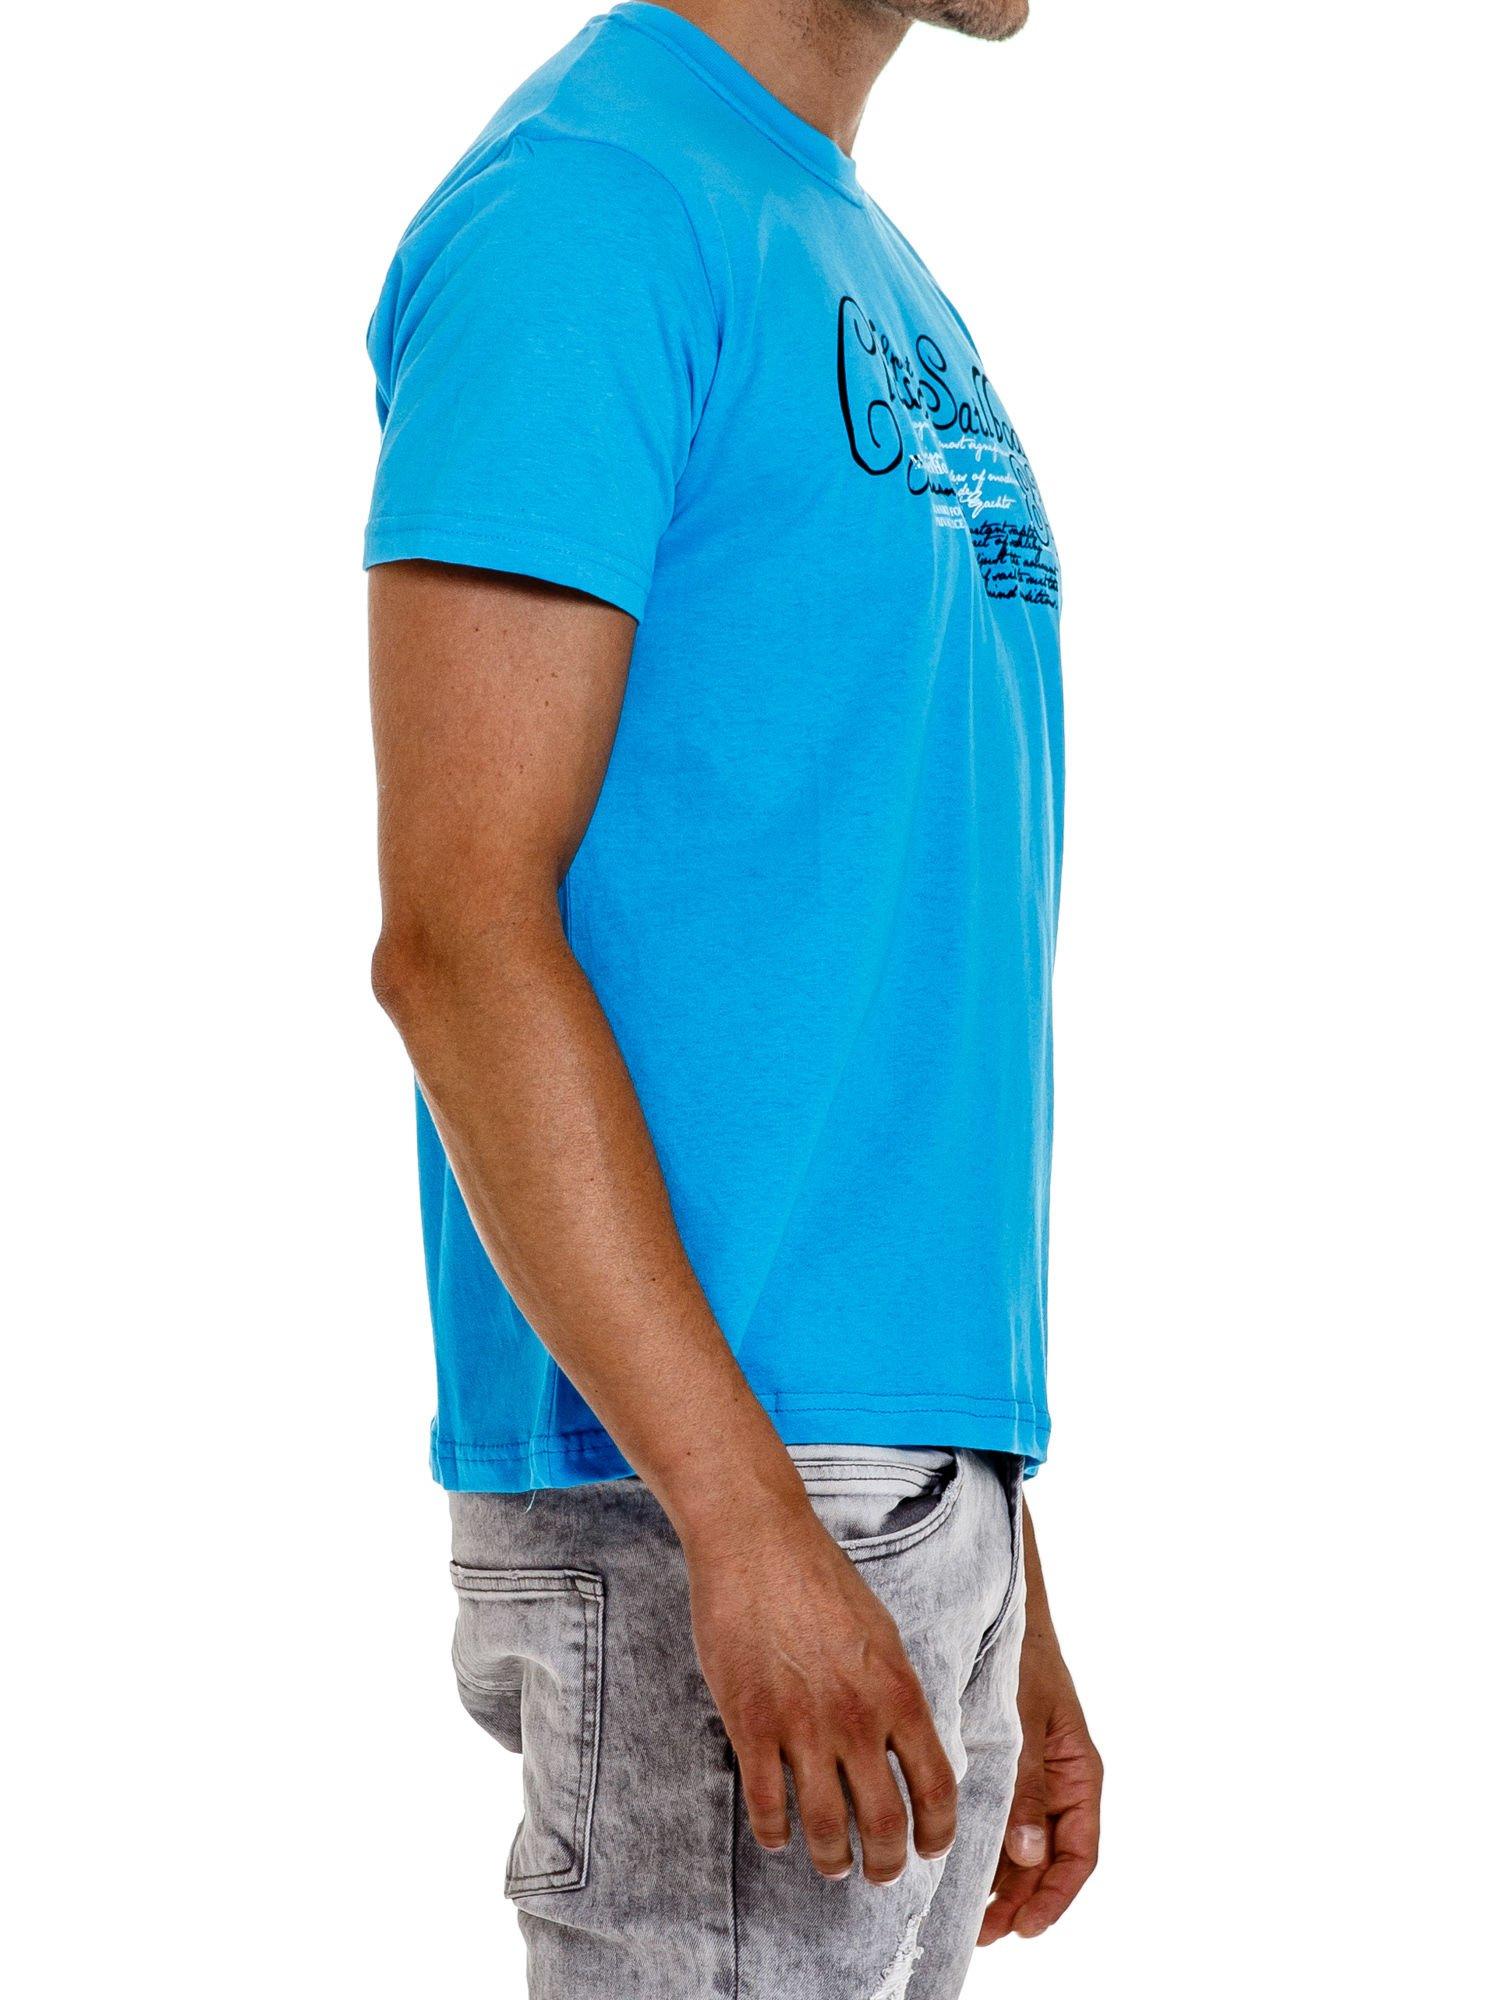 Niebieski t-shirt męski z napisami i liczbą 83                                  zdj.                                  3